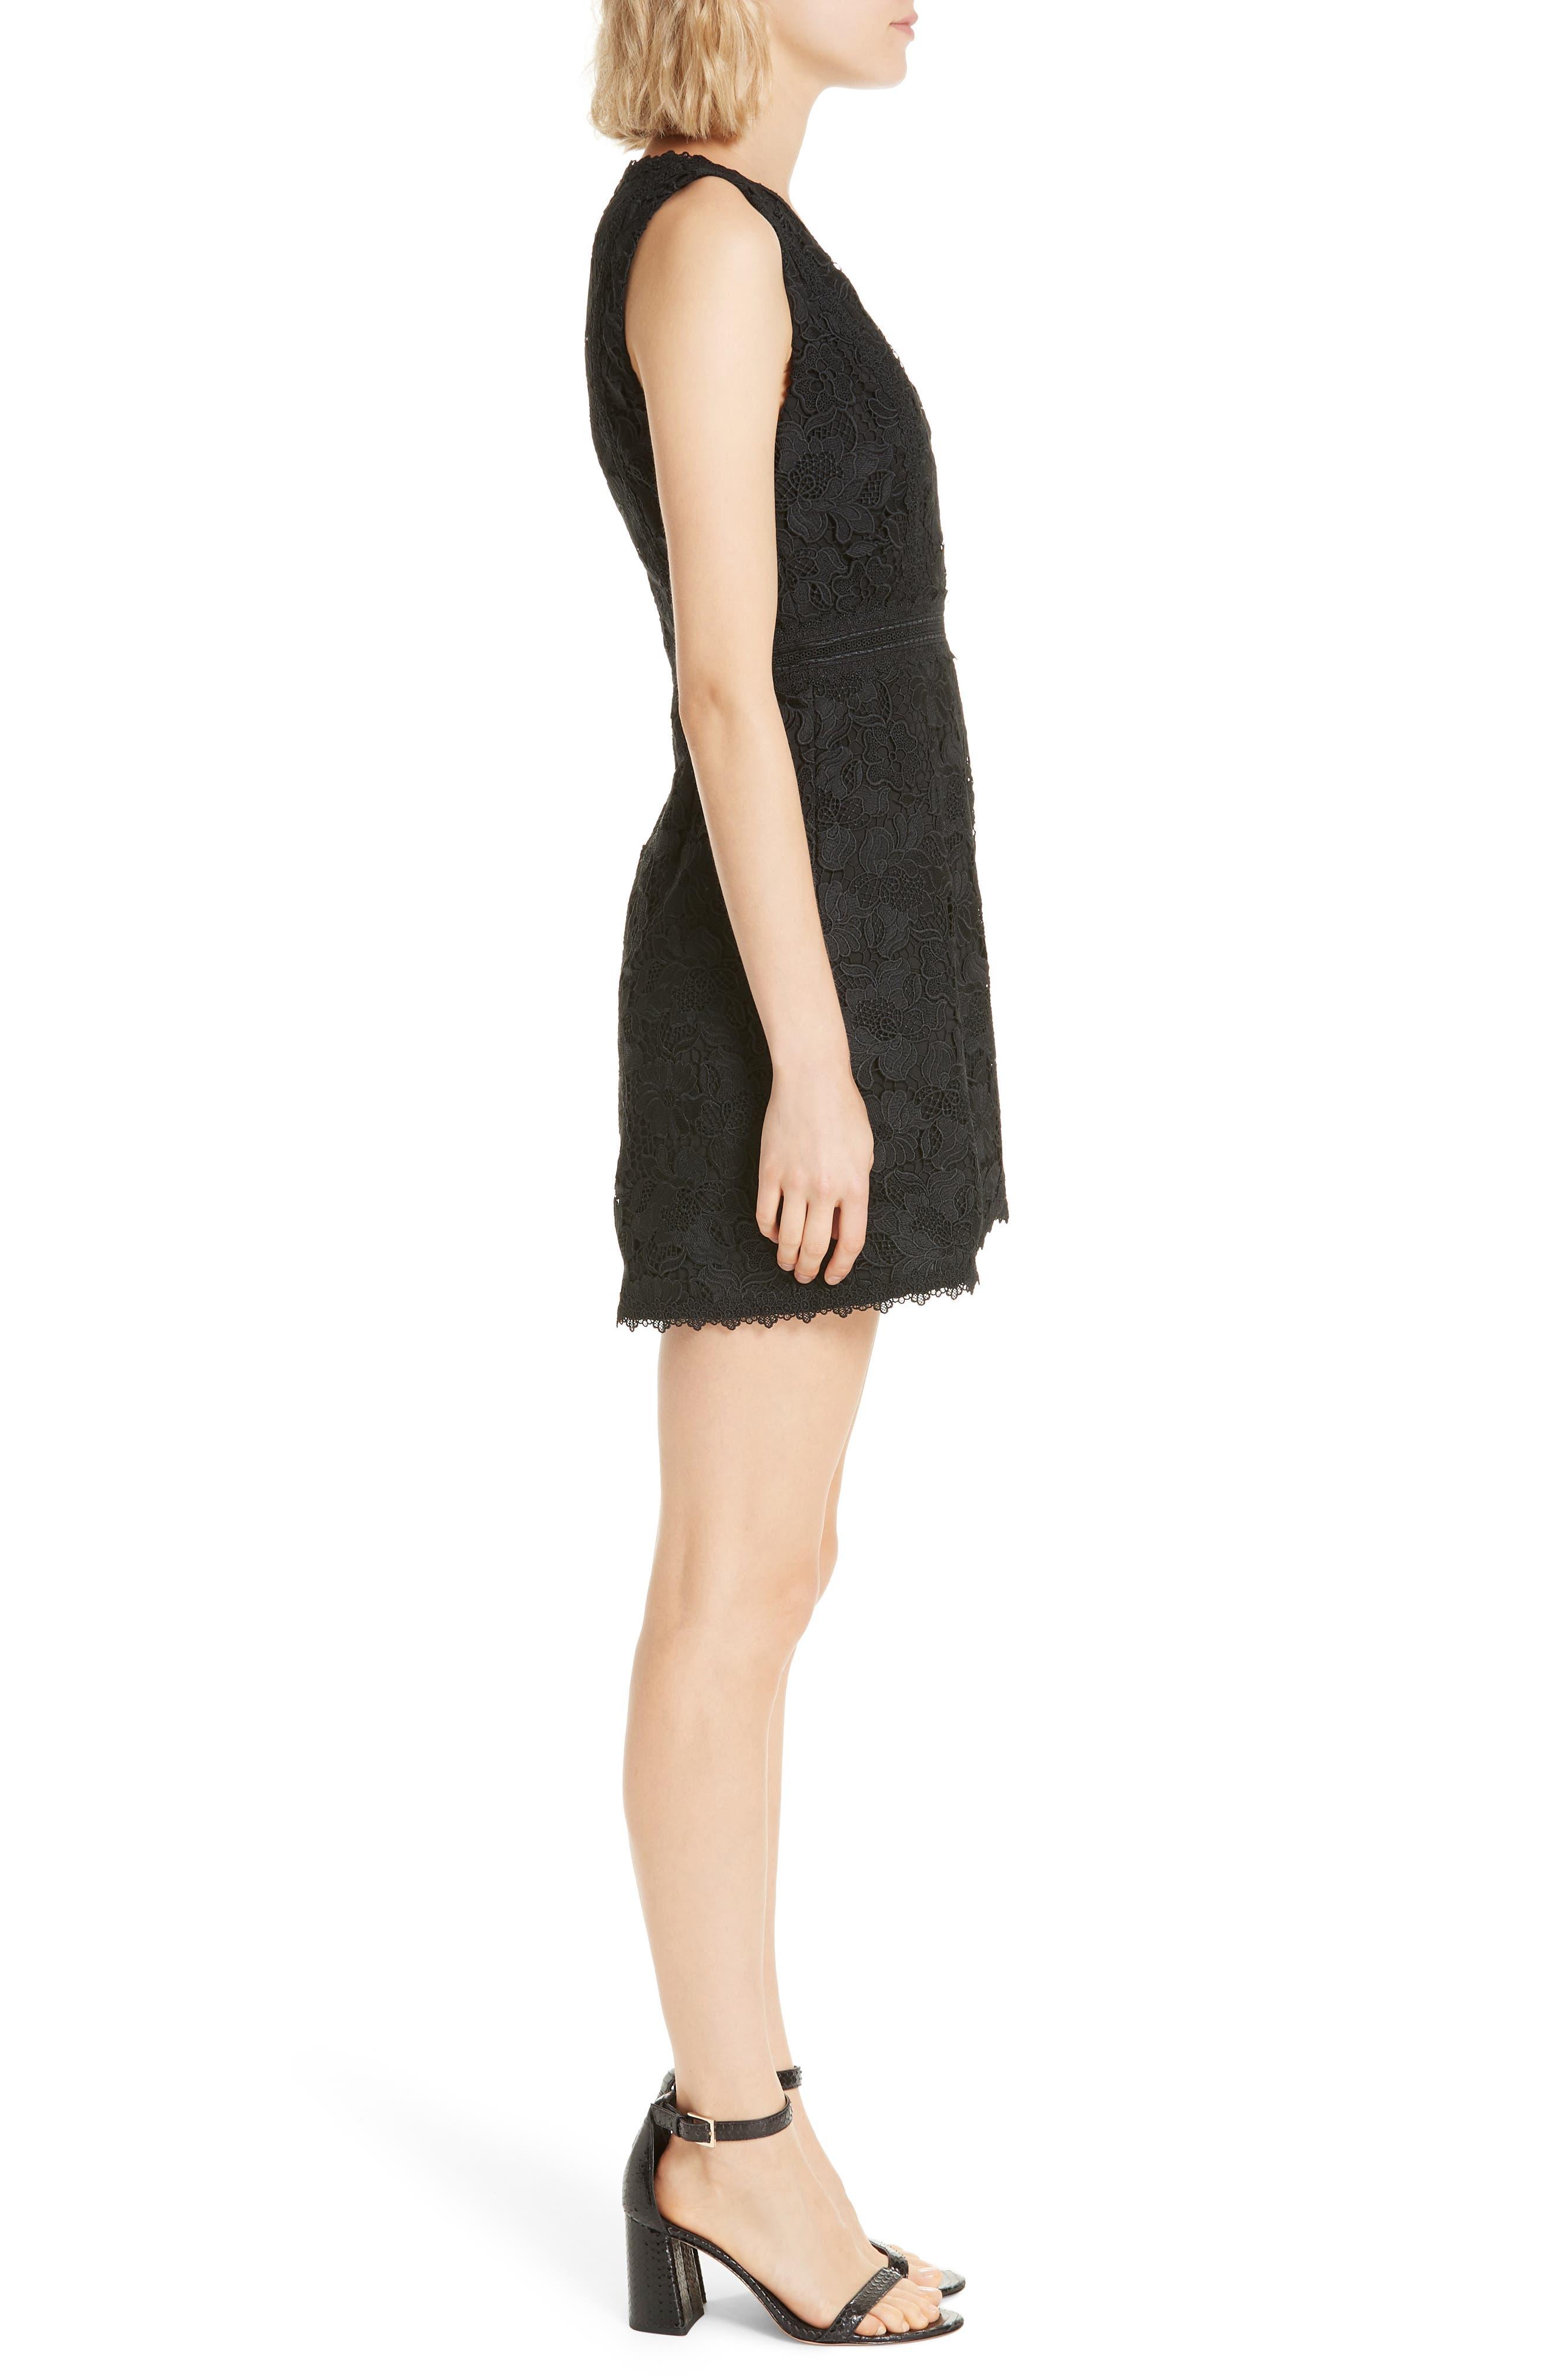 ALICE + OLIVIA, Lennon Lace Mini Dress, Alternate thumbnail 4, color, 001